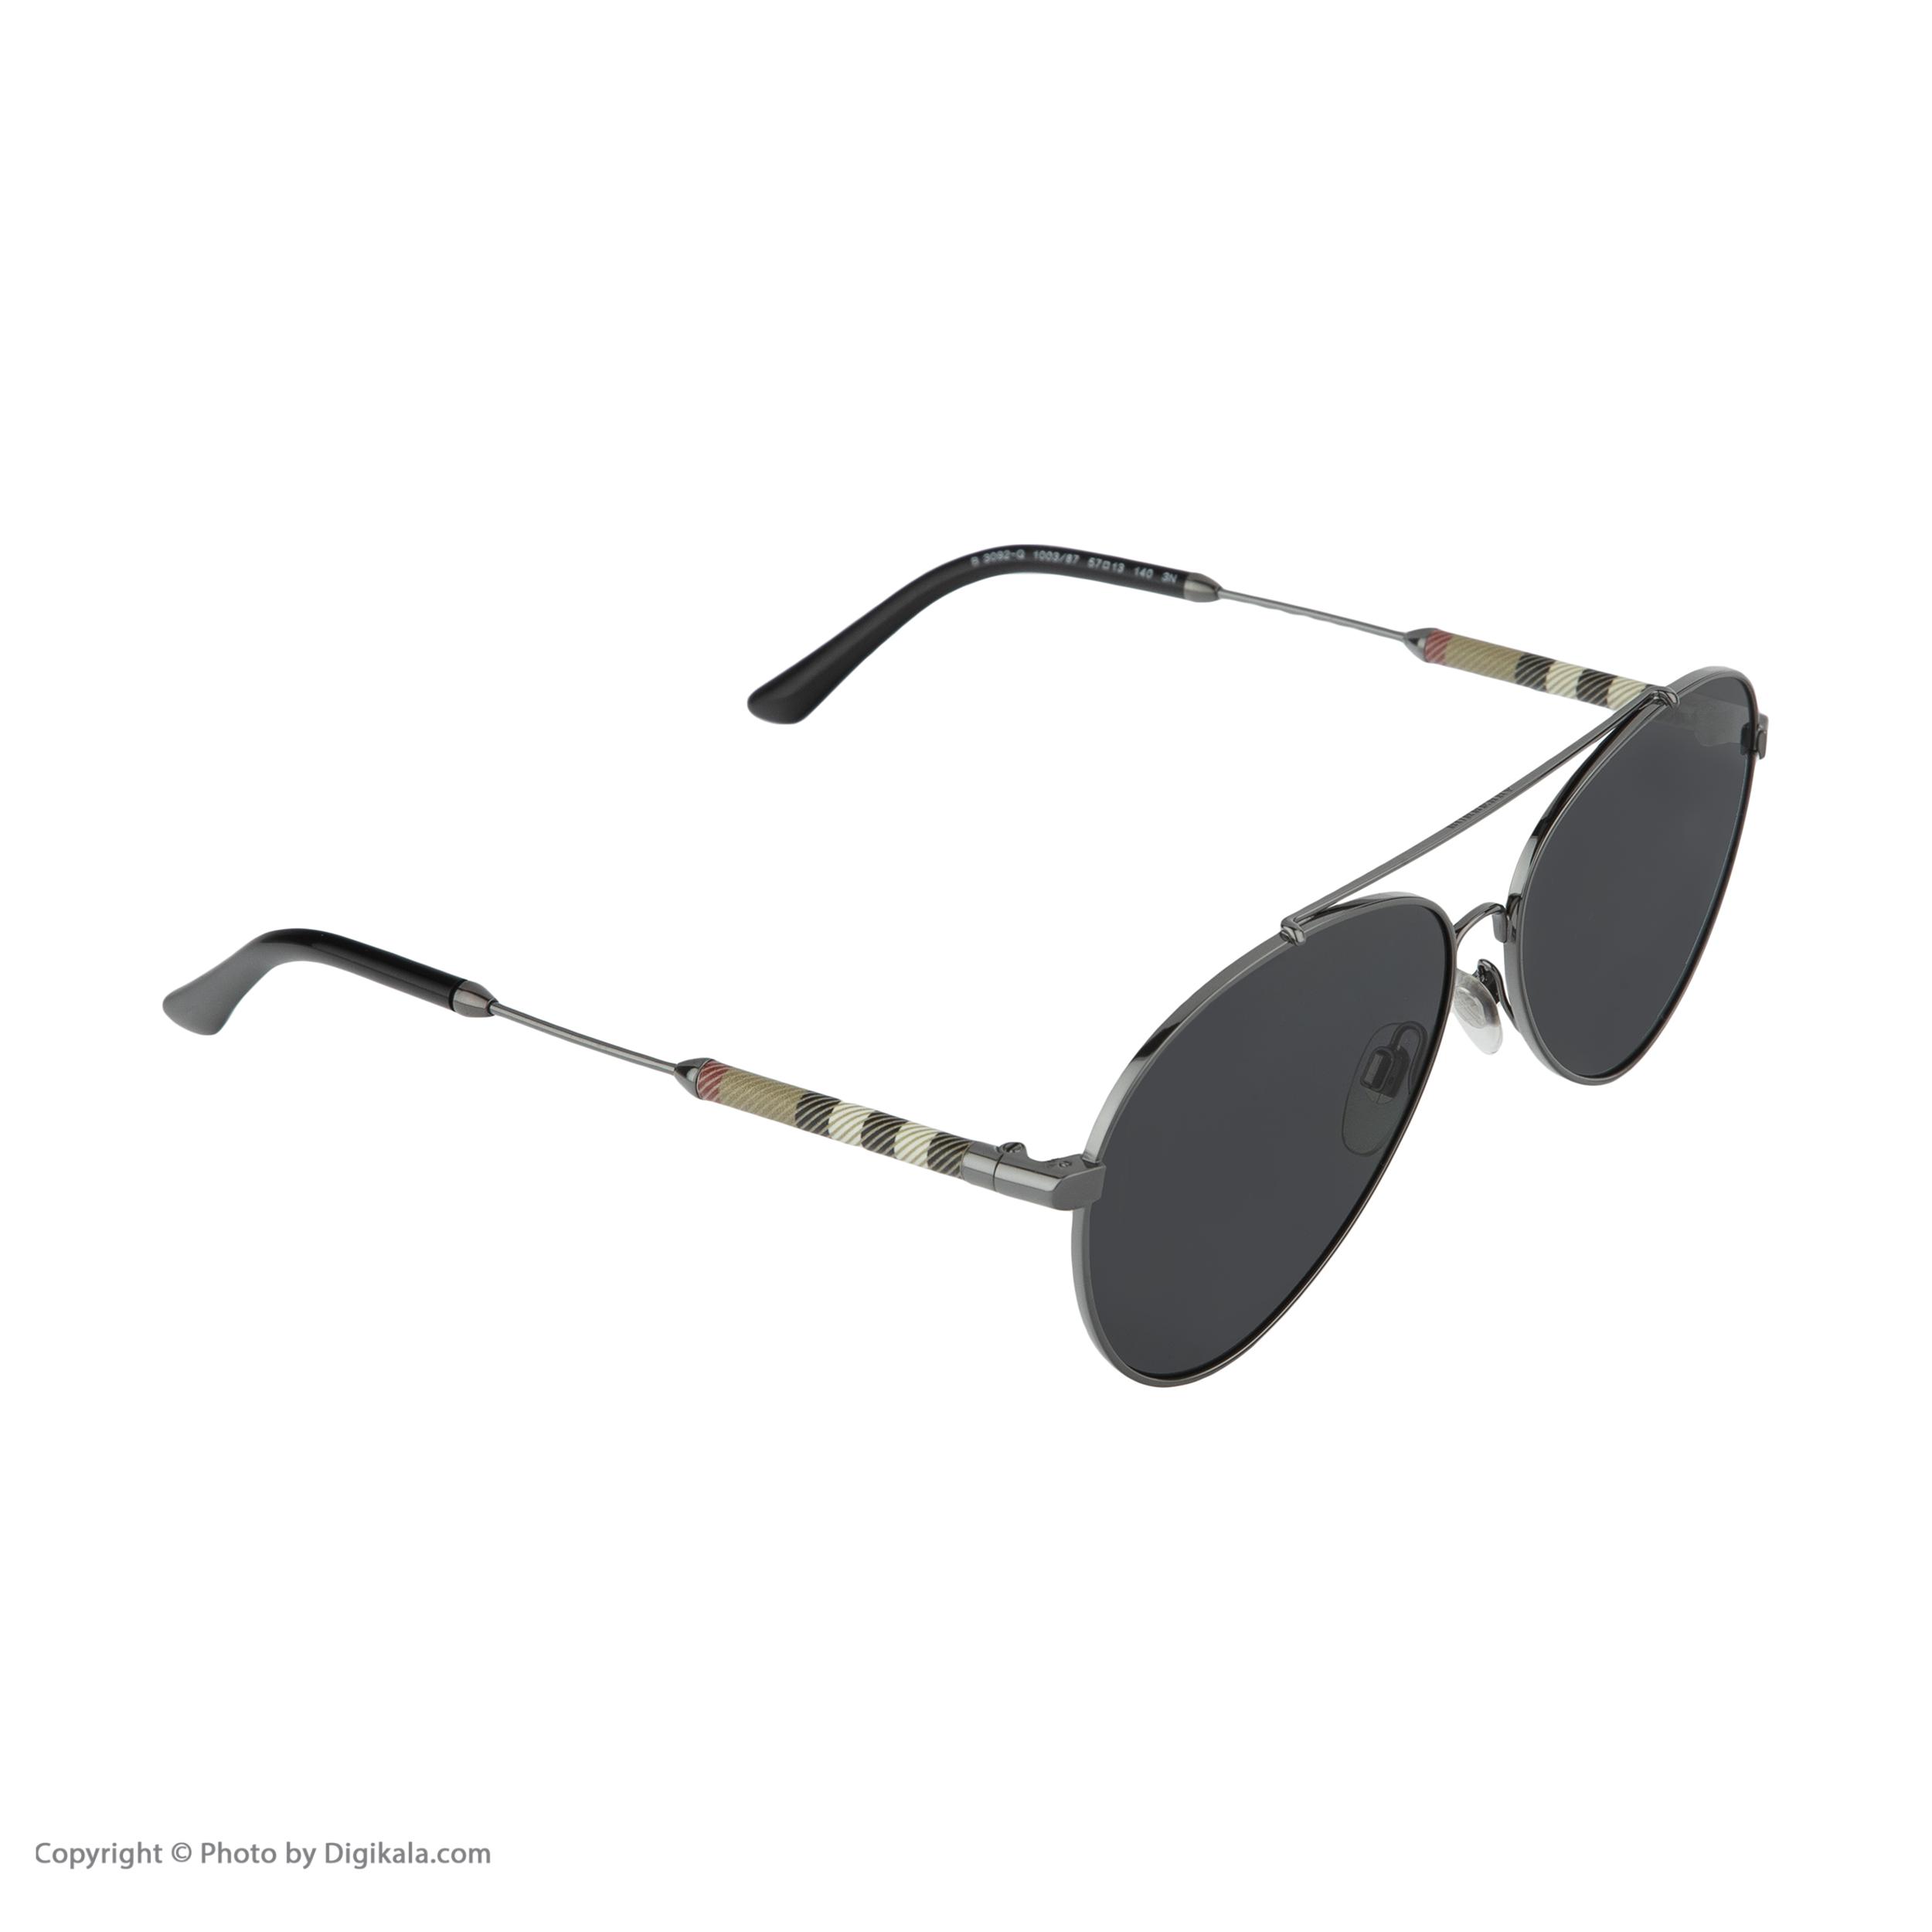 عینک آفتابی زنانه بربری مدل BE 3092Q 100387 57 -  - 4